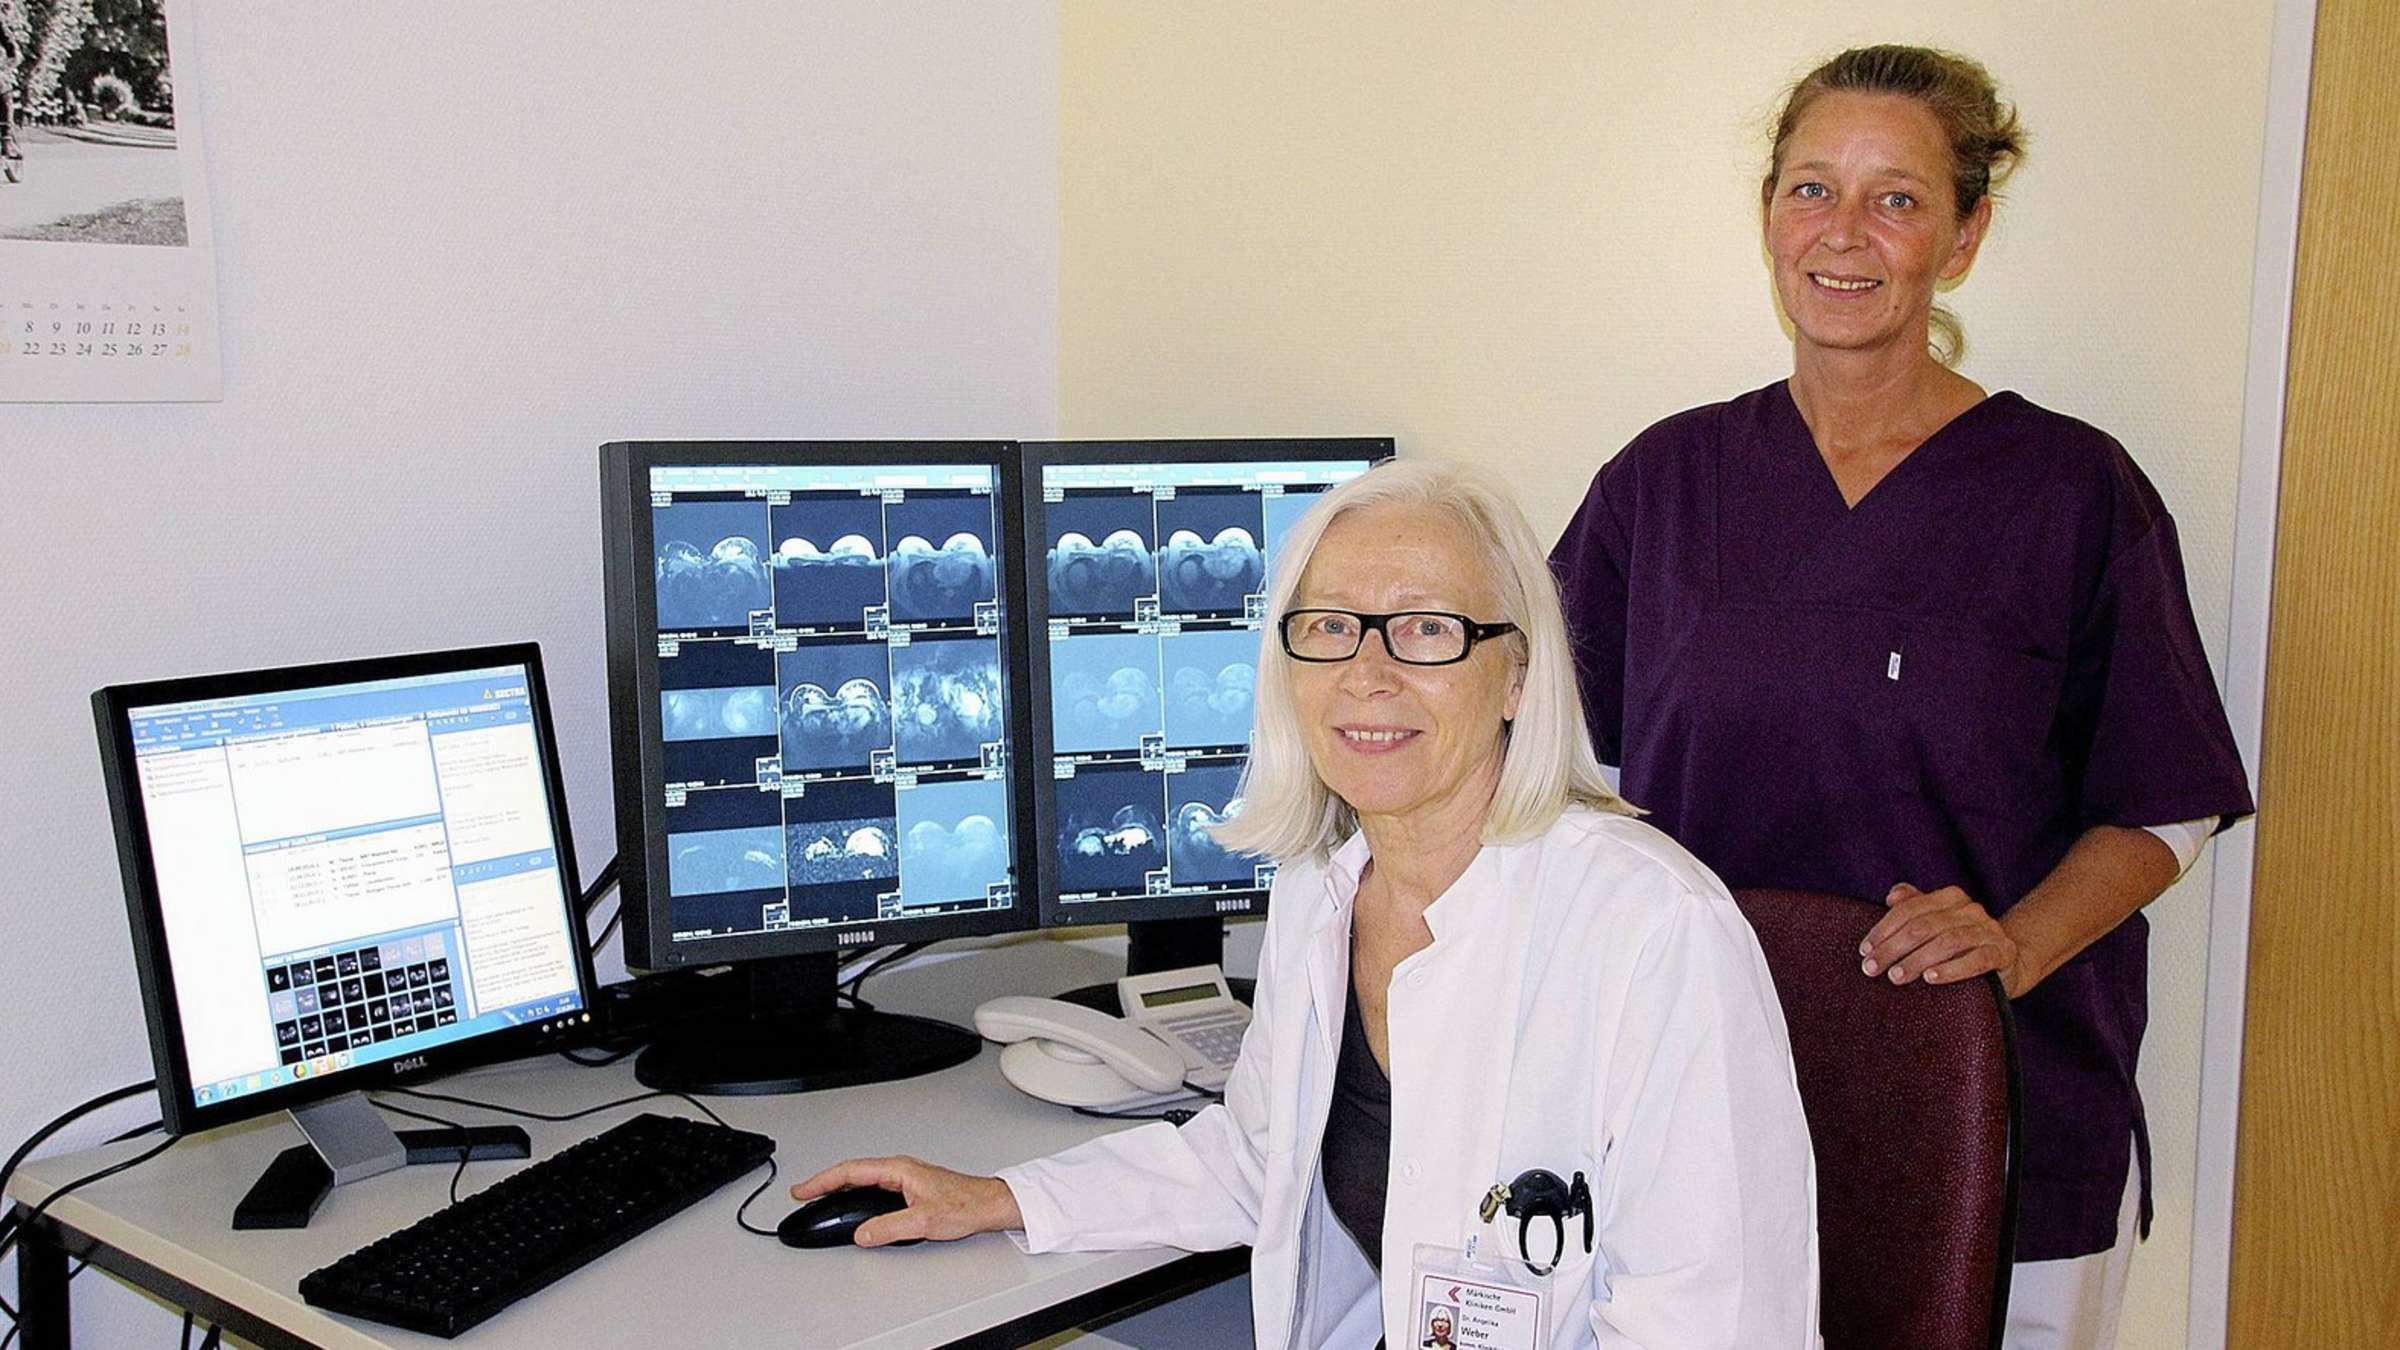 Serie Zum Klinikum Ludenscheid Frauenklinik Ludenscheid